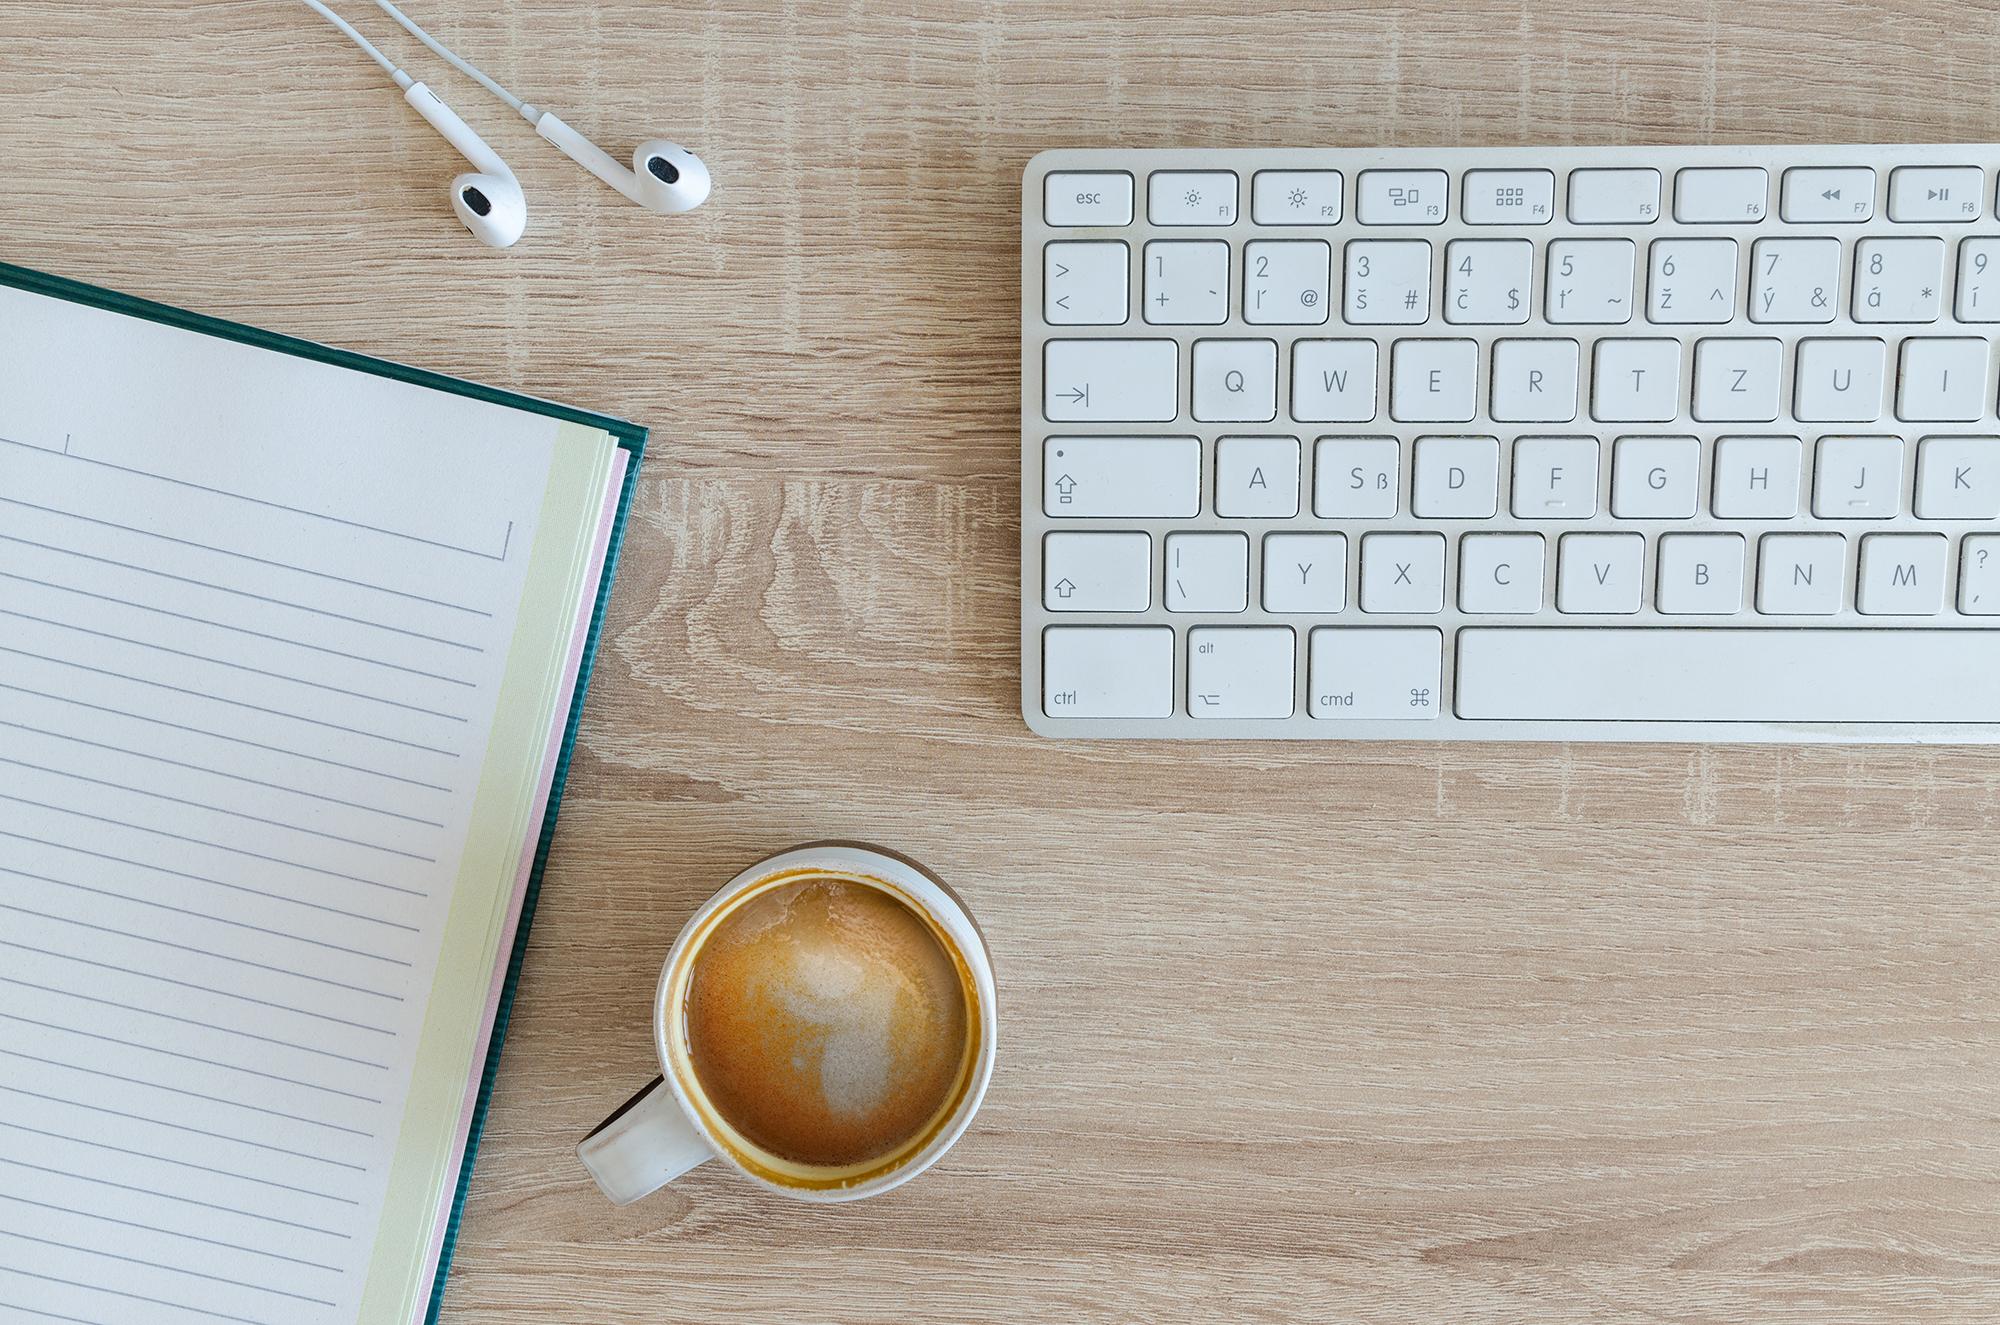 coffee-earbuds-keyboard.jpg